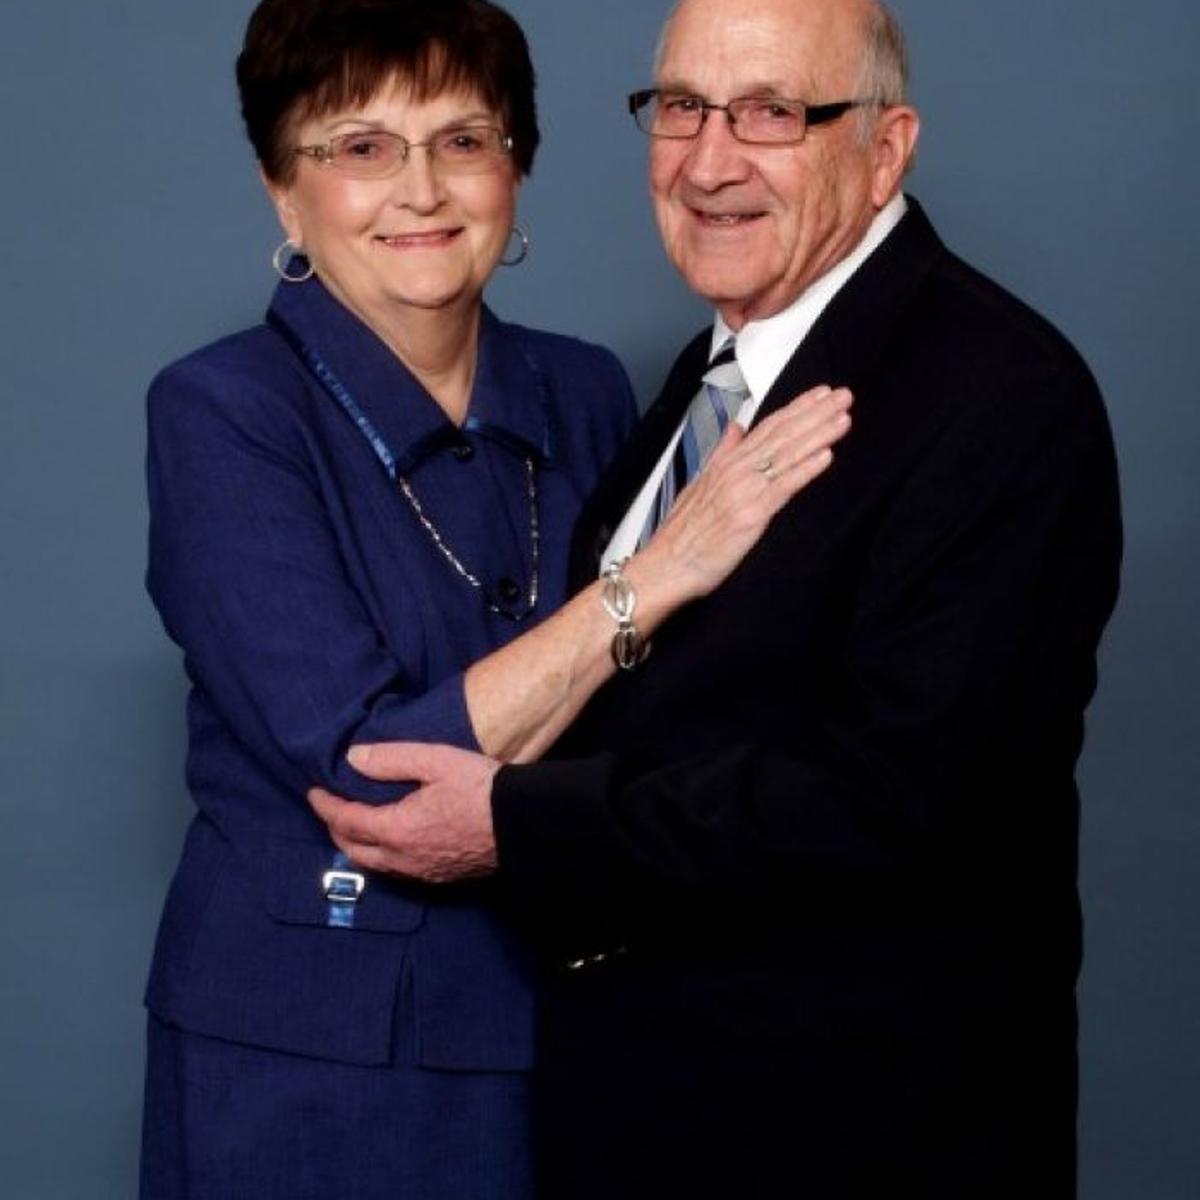 Ruhl - 60 years | Anniversaries | journalstar com